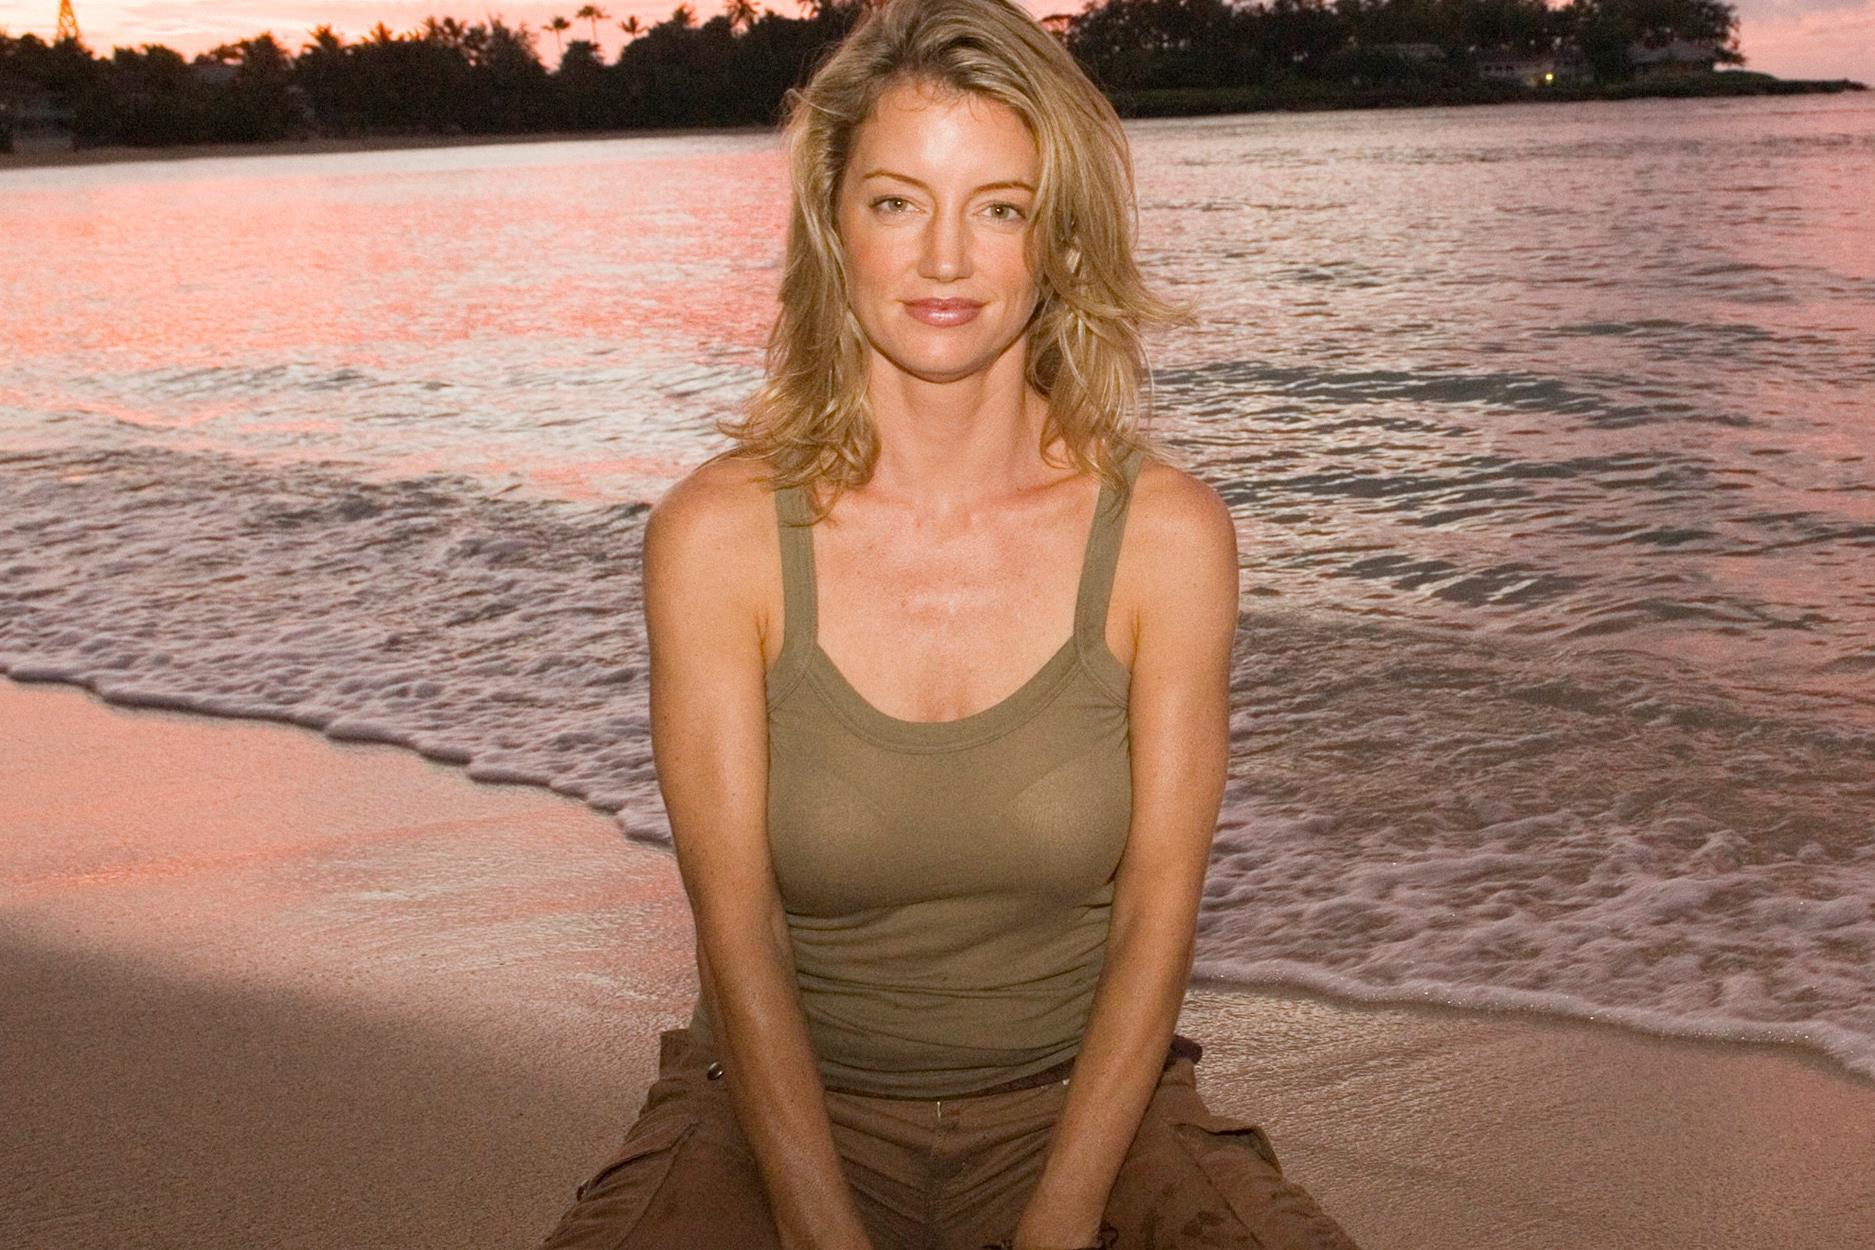 Patricia Ja Lee,Krizza Neri (b. 1995) Adult nude Rhea Durham USA 2 2000-2001,Reagan Wilson